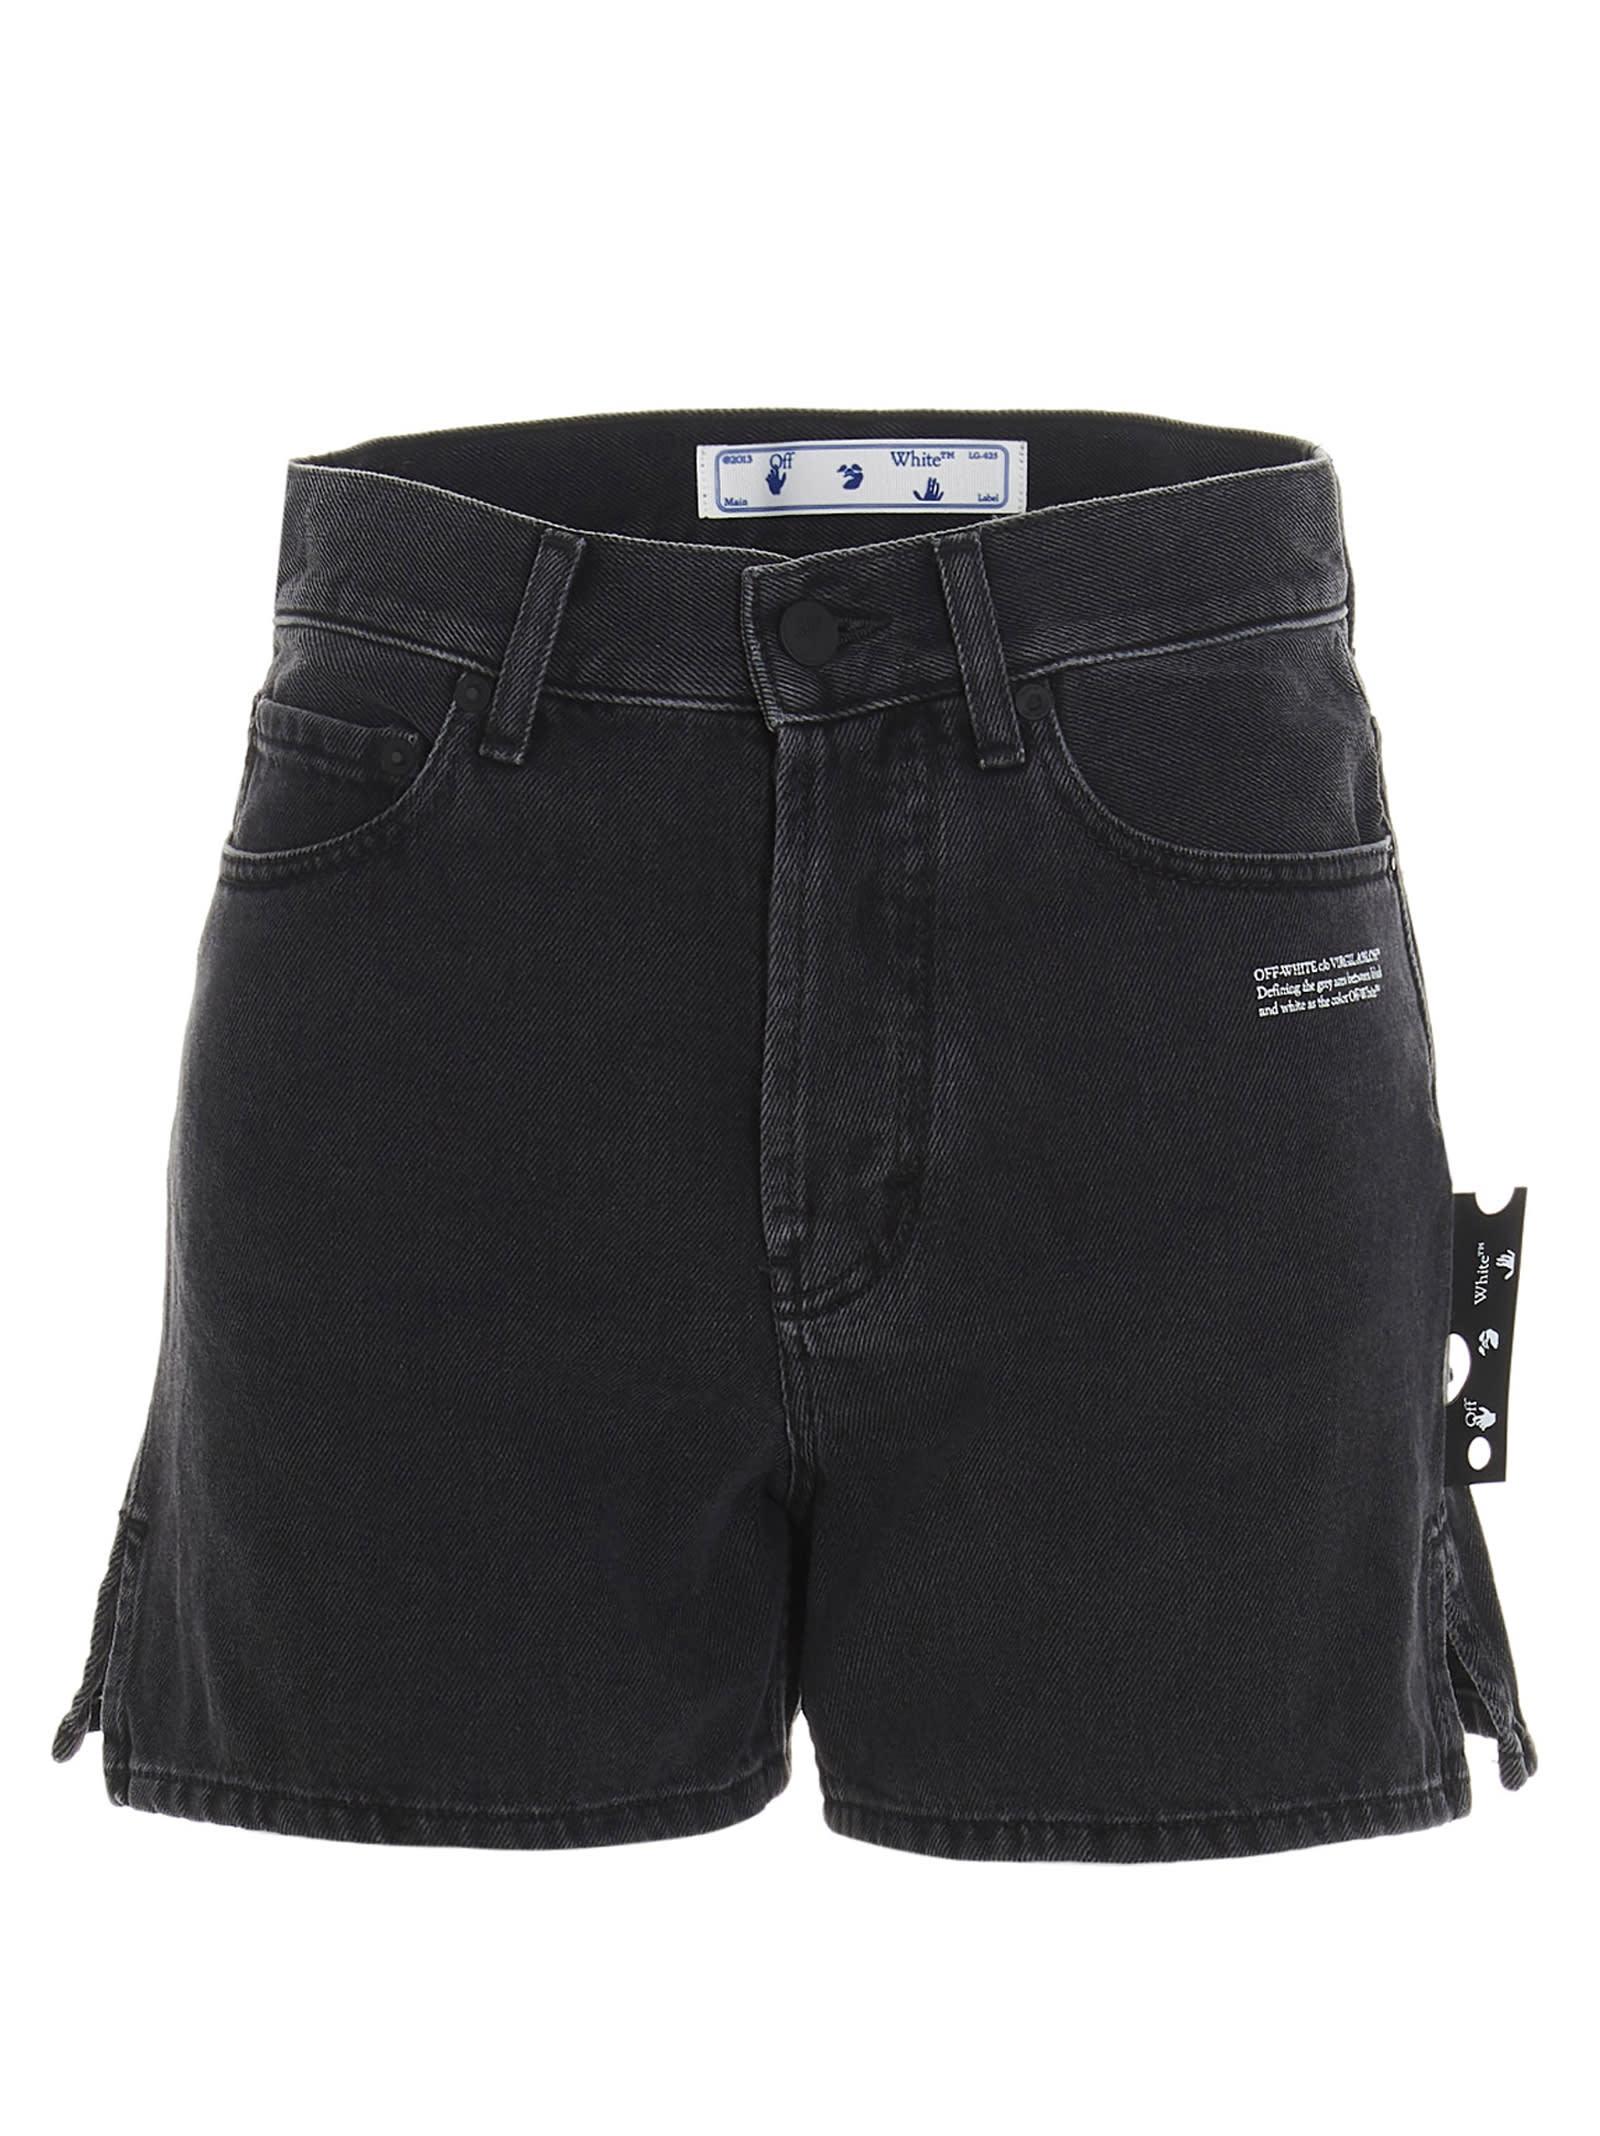 Off-White Shorts OFF-WHITE SHORTS